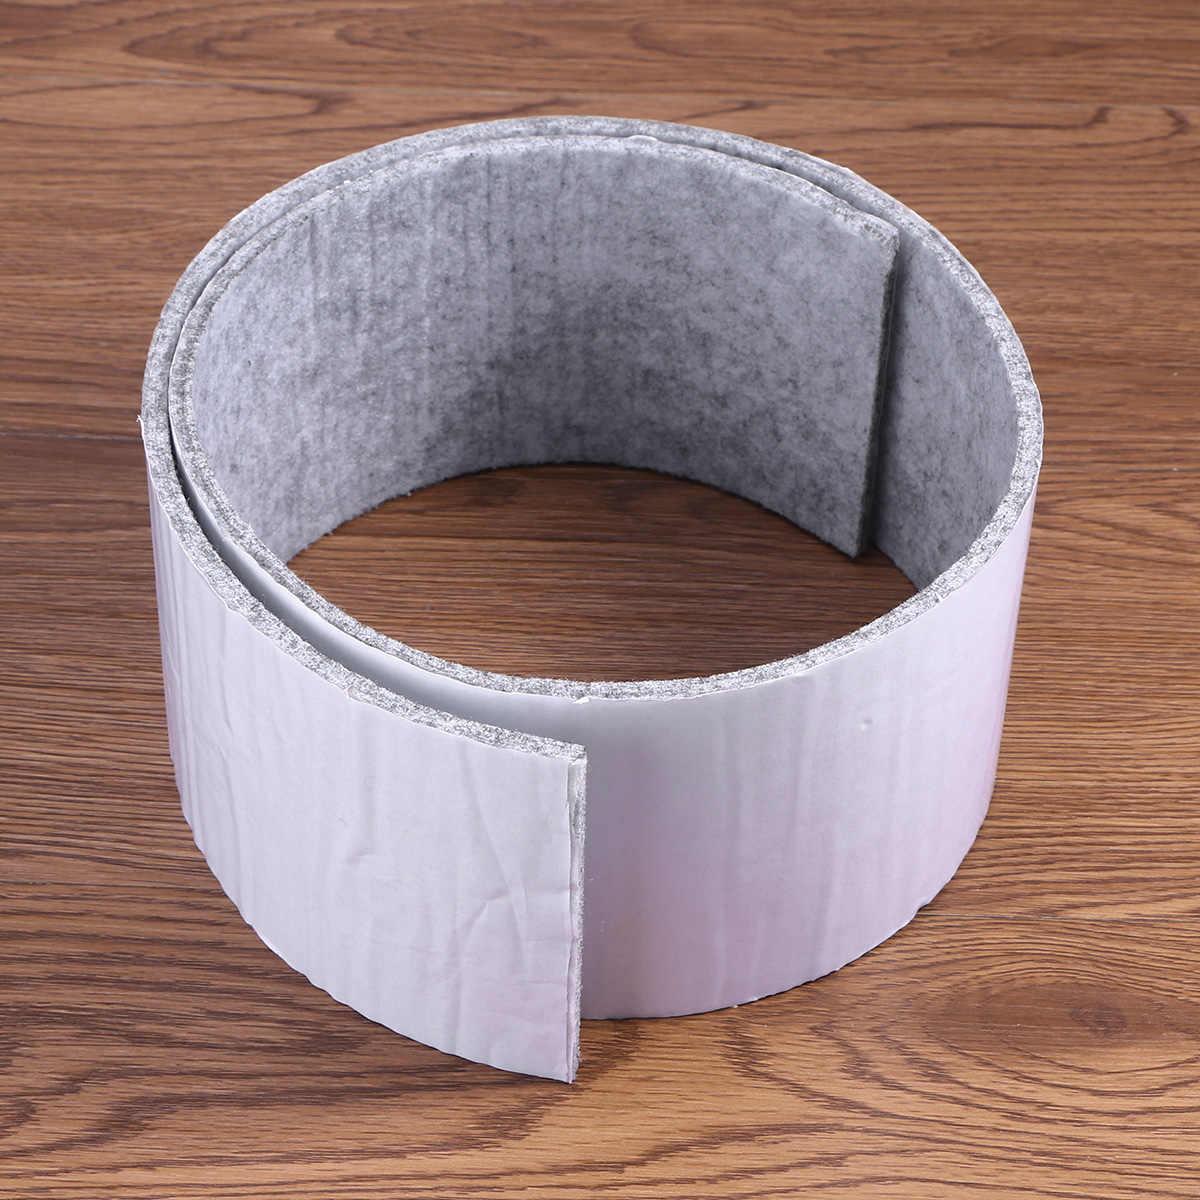 1 шт. 100x10 см войлочные прокладки сверхмощные прямоугольные клейкие коврики войлочные листы фетр для мебели колодки для защиты полов гостиничная мебель